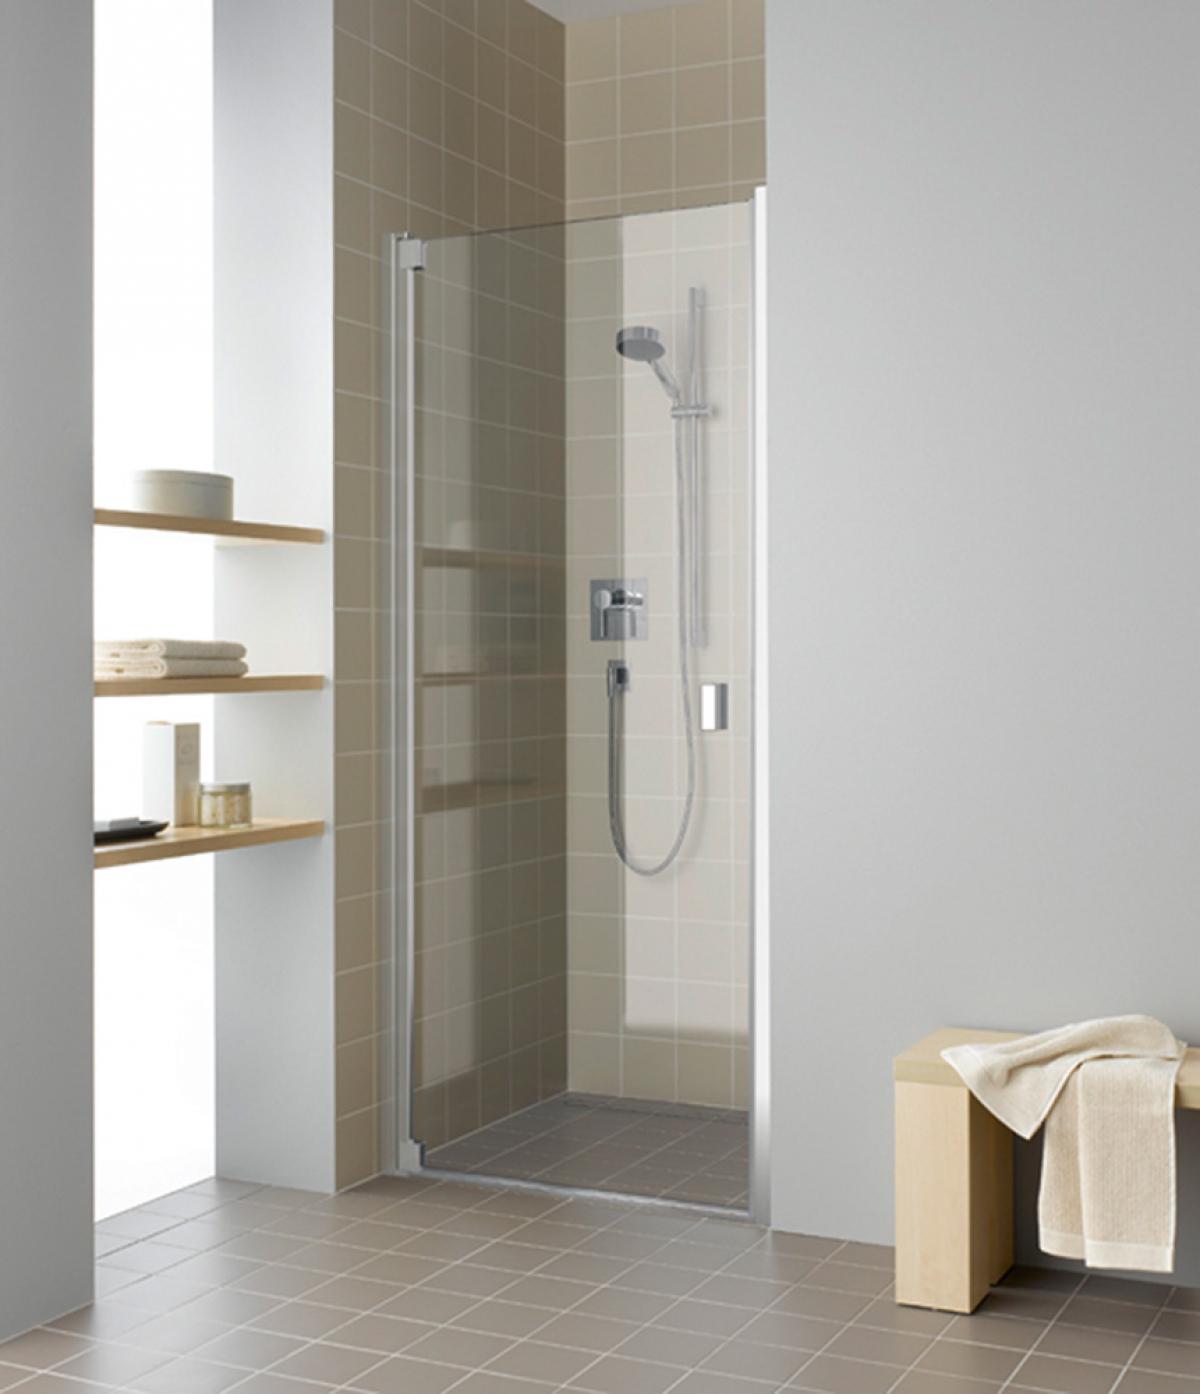 porte battante de douche raya kermi induscabel salle de bains chauffage et cuisine. Black Bedroom Furniture Sets. Home Design Ideas